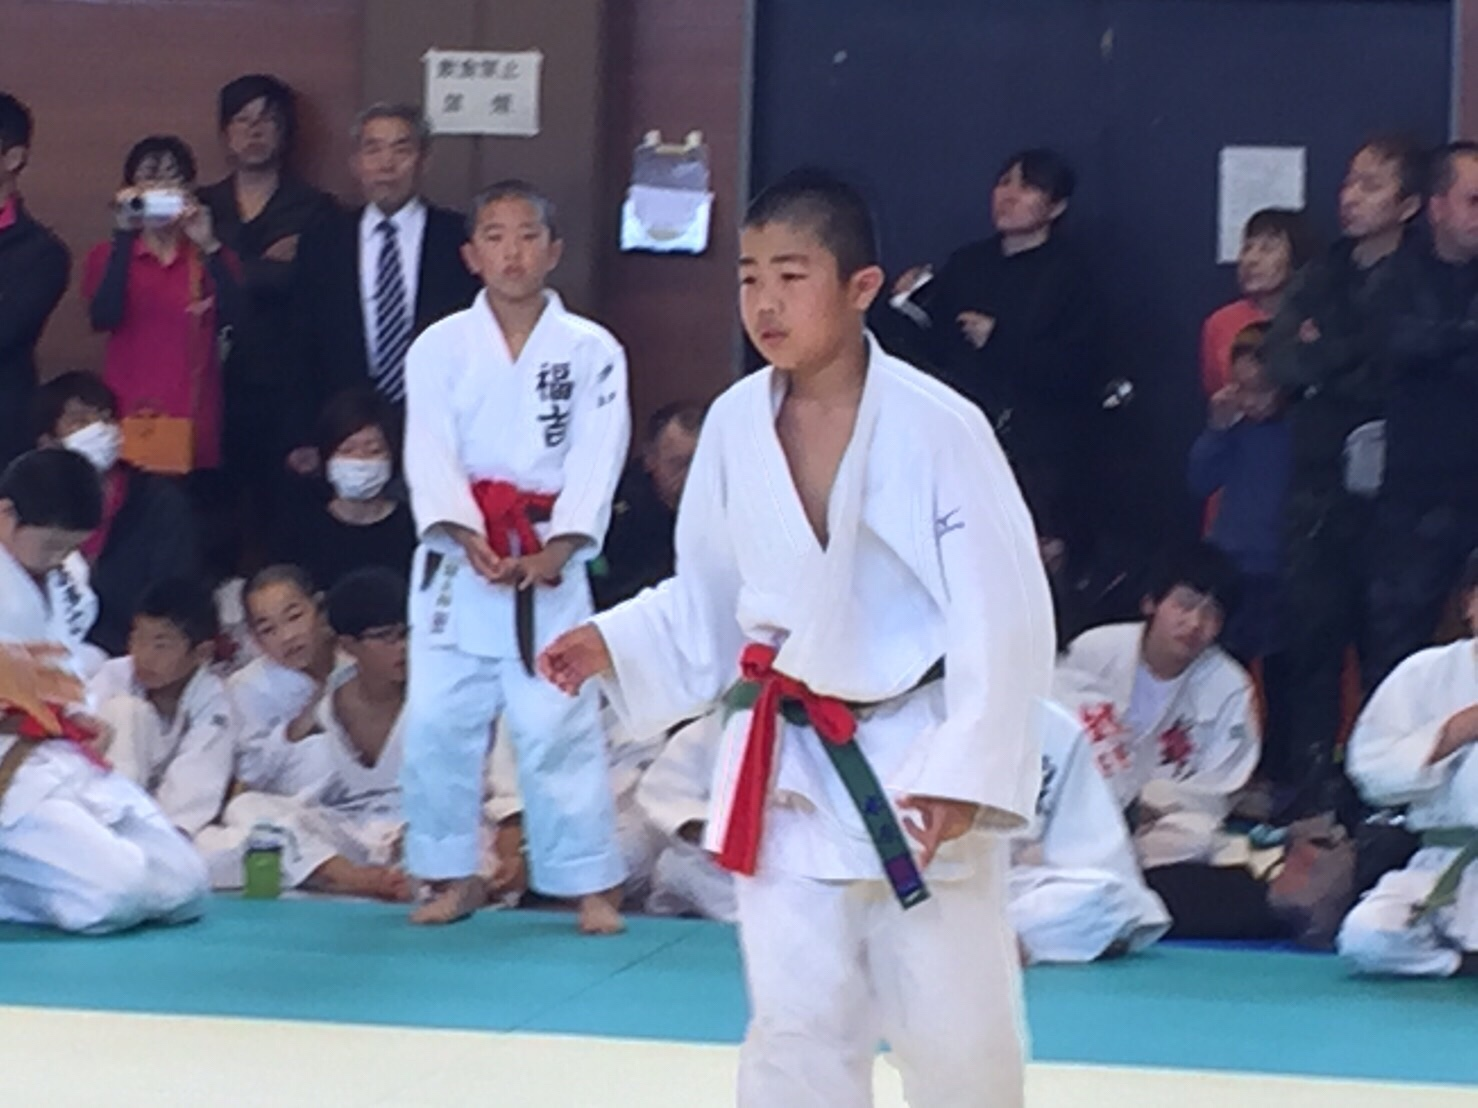 平成30年4月15日(日)第18回糸島市春季少年柔道大会